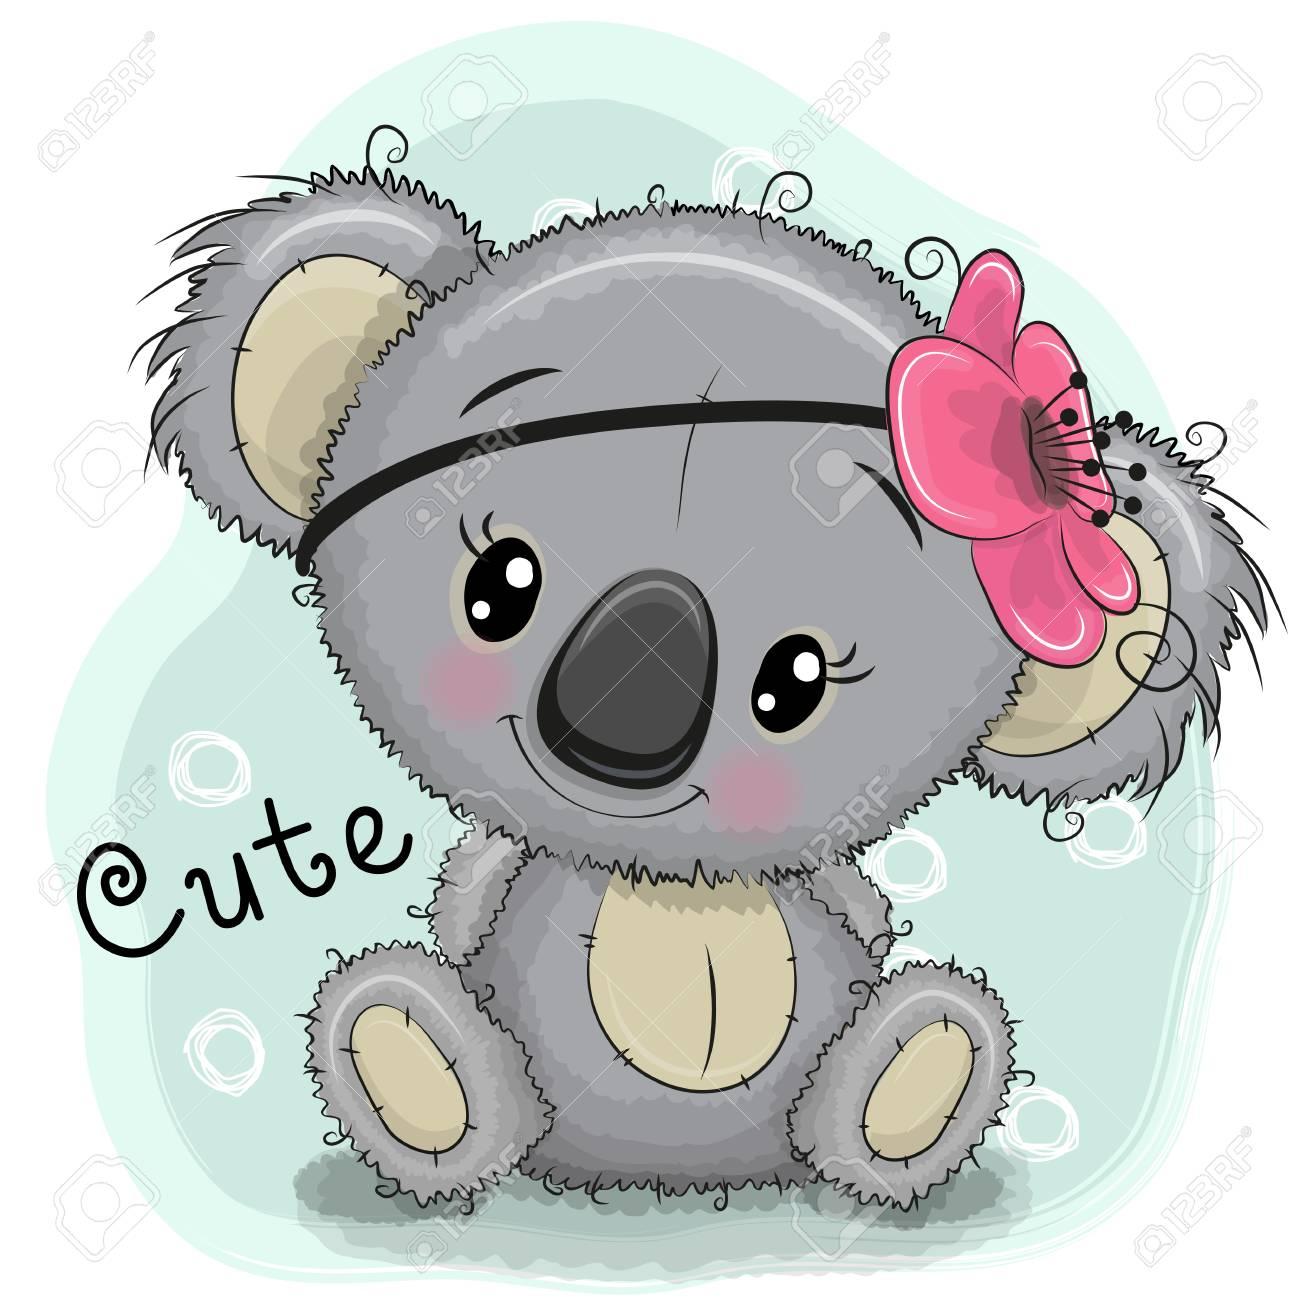 Fille De Koala Dessin Mignon Isole Sur Un Fond Bleu Clip Art Libres De Droits Vecteurs Et Illustration Image 88069506